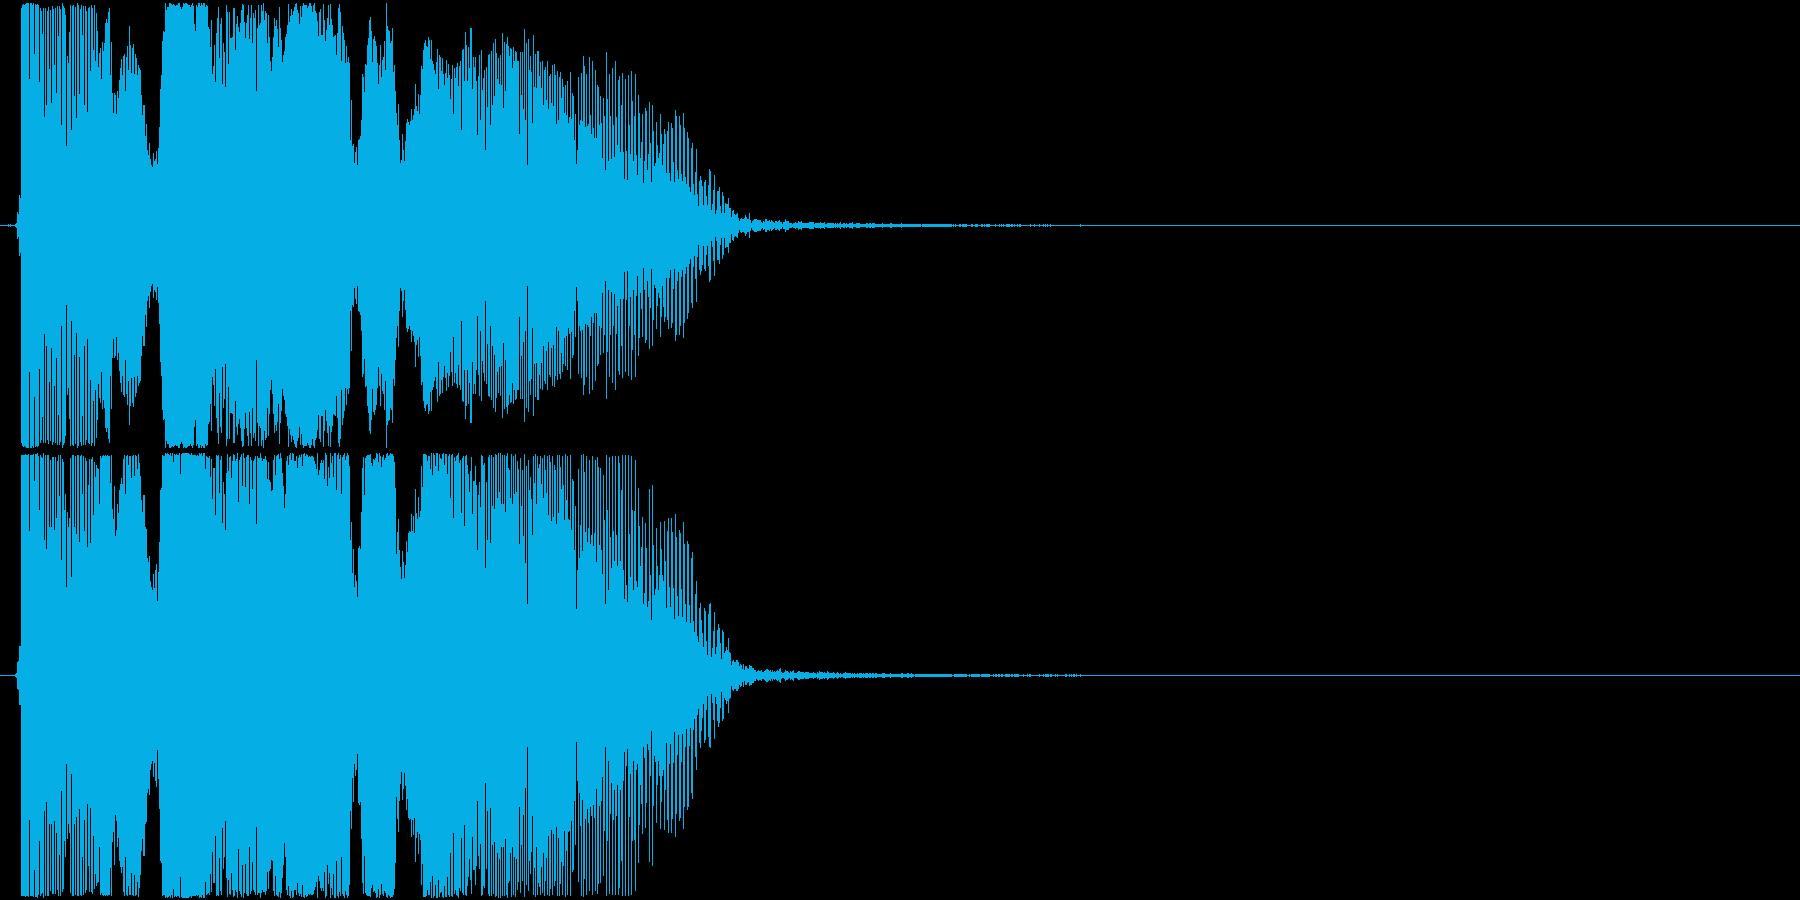 「アンビリーバボー!」ゲーム・アプリ用の再生済みの波形